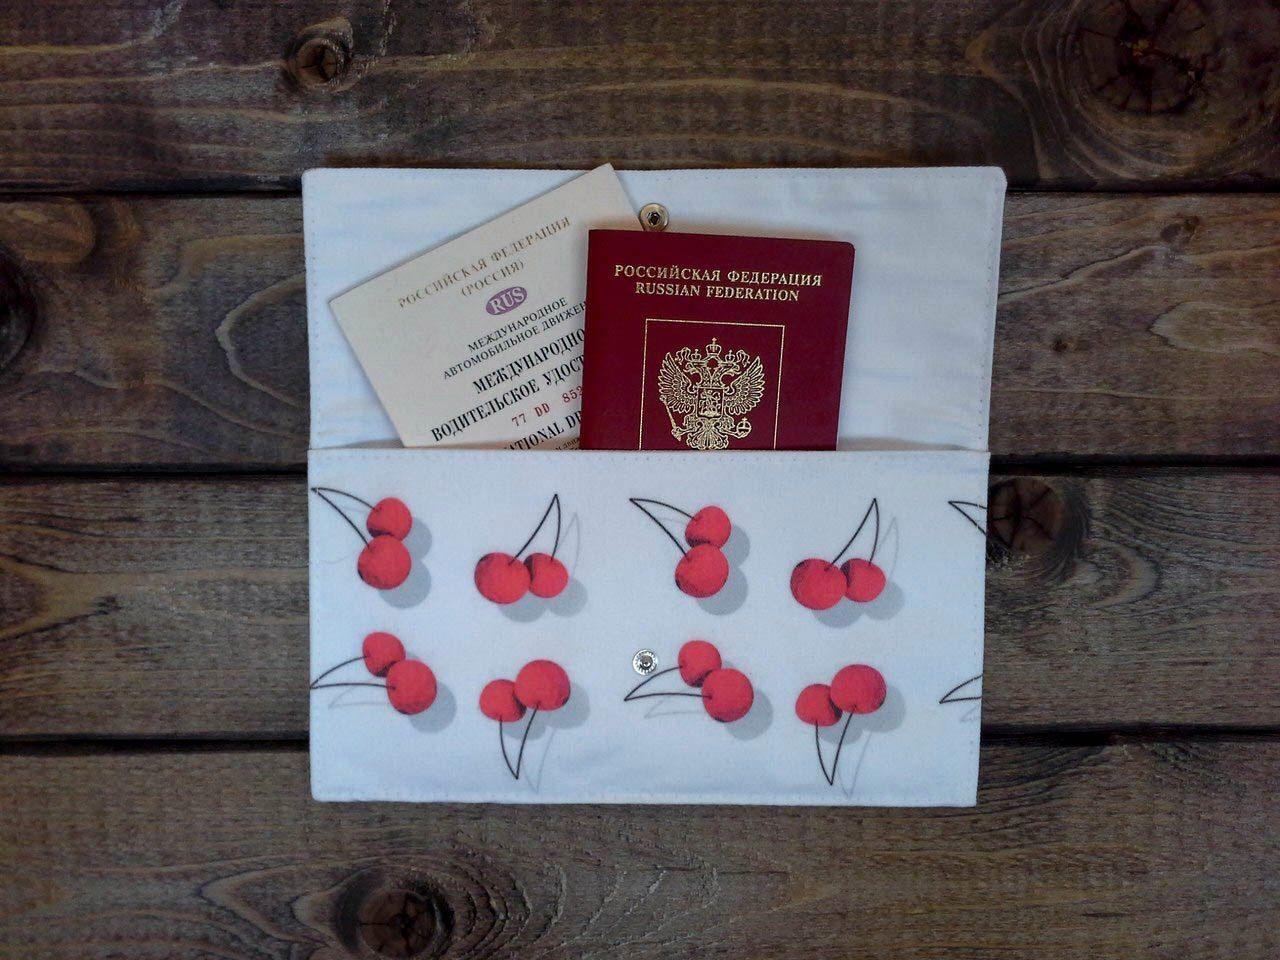 Конверт CherryПодарки<br>Подходит, как для автодокументов, так и для паспорта, необычный подарок для любого знакомого или друга. Можно стирать в стиральной машинке. Пыле-, грязе- и влагоустойчива, дизайнерское решение с вишенками подойдет каждому любителю путешествовать.<br>Размер: None; Объем: None; Материал: Текстиль, резина; Цвет: Комбинированный;